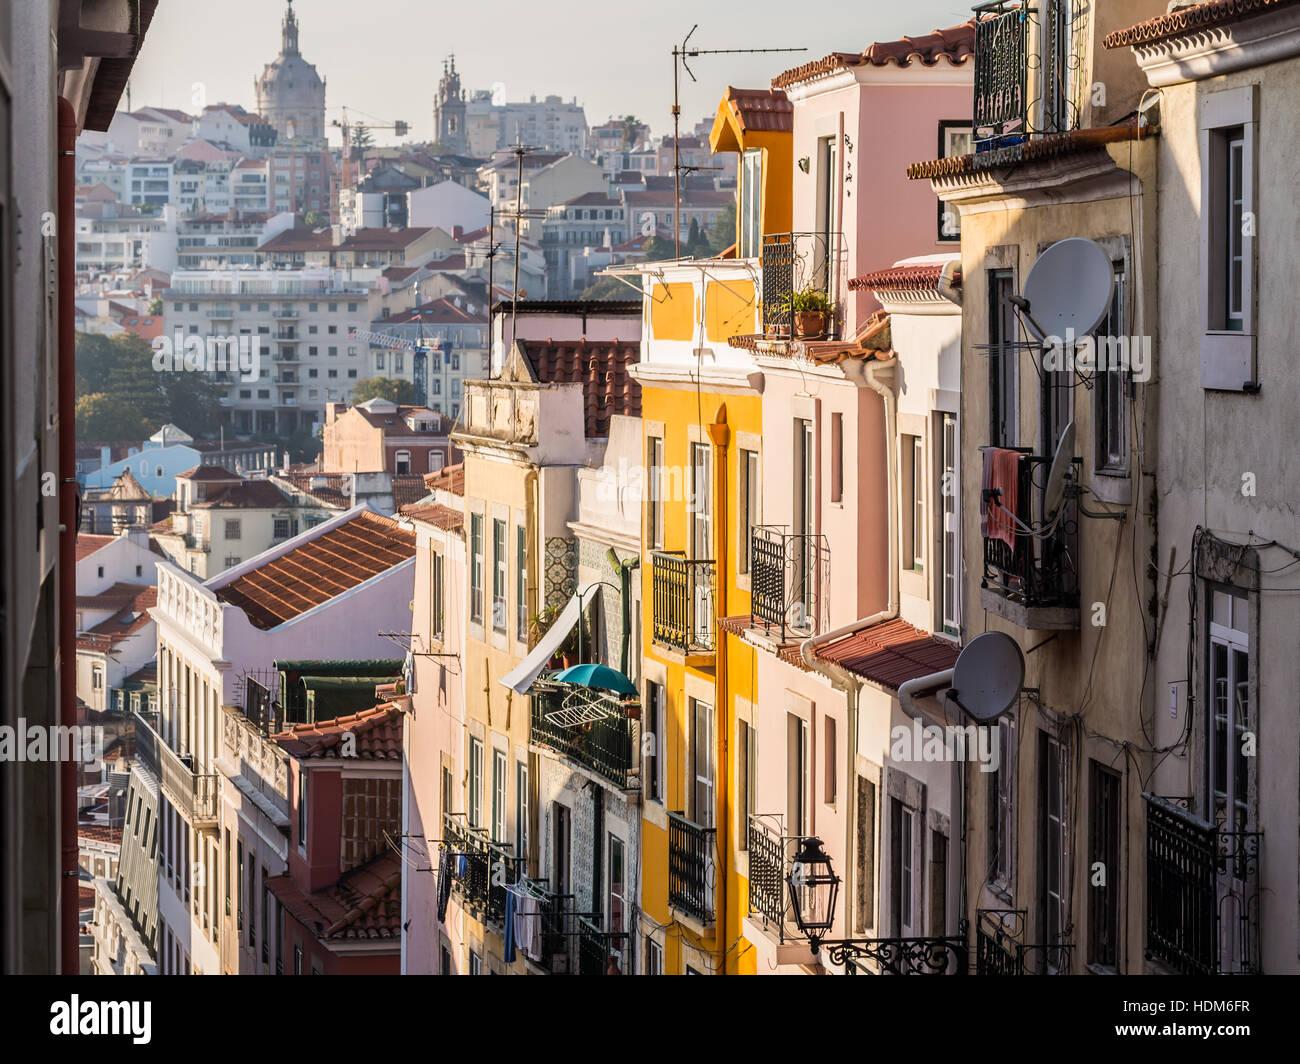 Architektur in der alten Stadt von Lissabon, Portugal. Stockbild